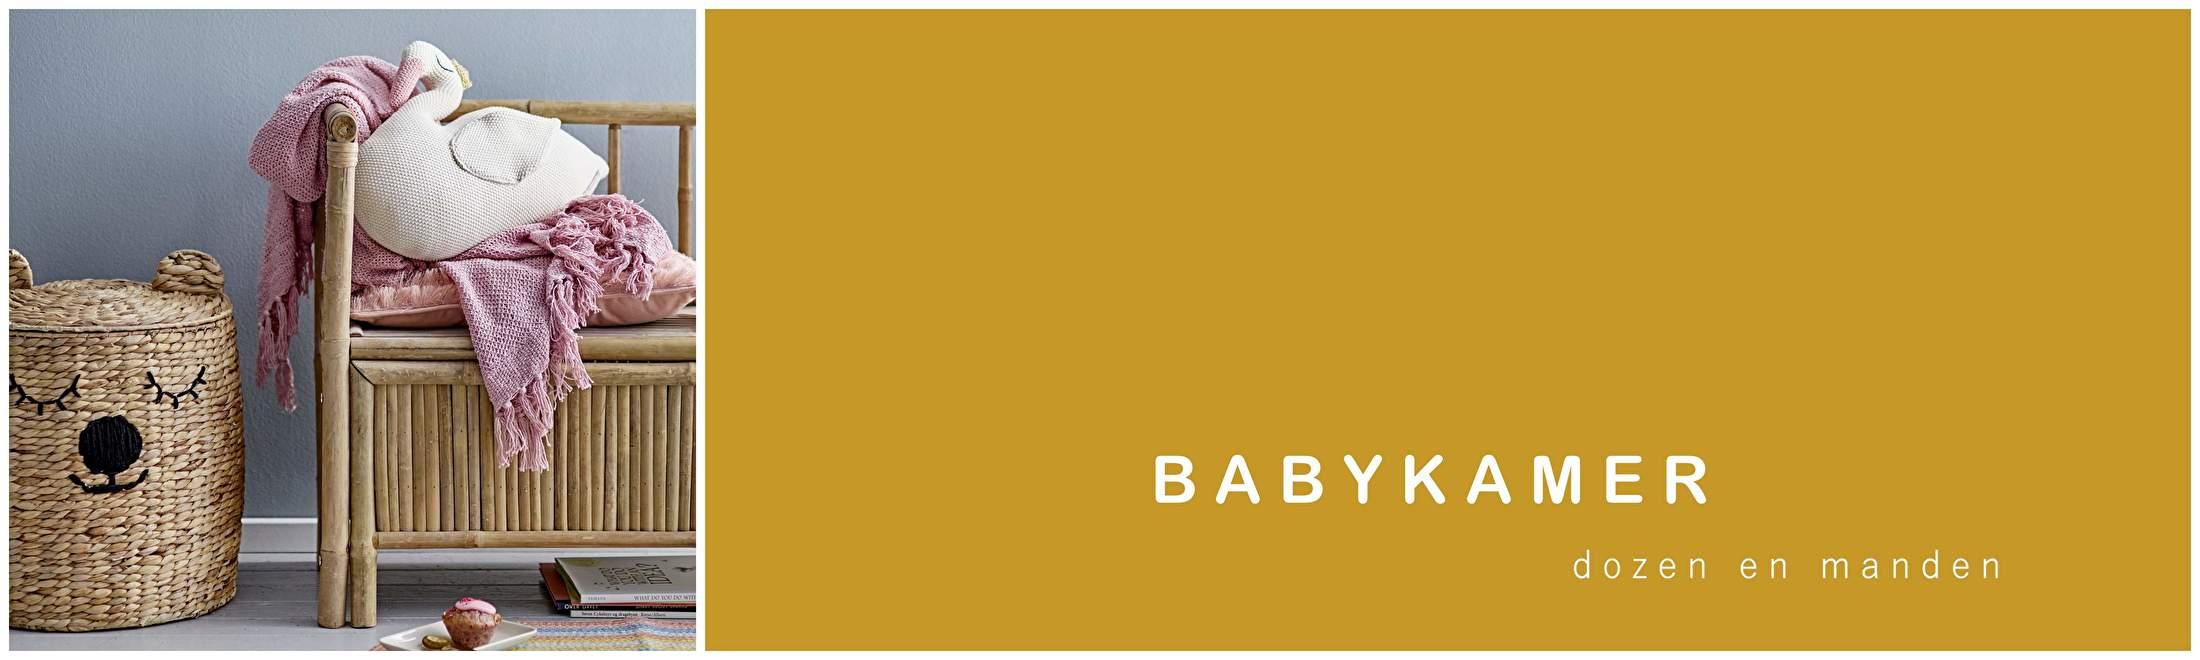 BABYKAMER MANDEN & DOZEN   WWW.ZUSJEZ.NL